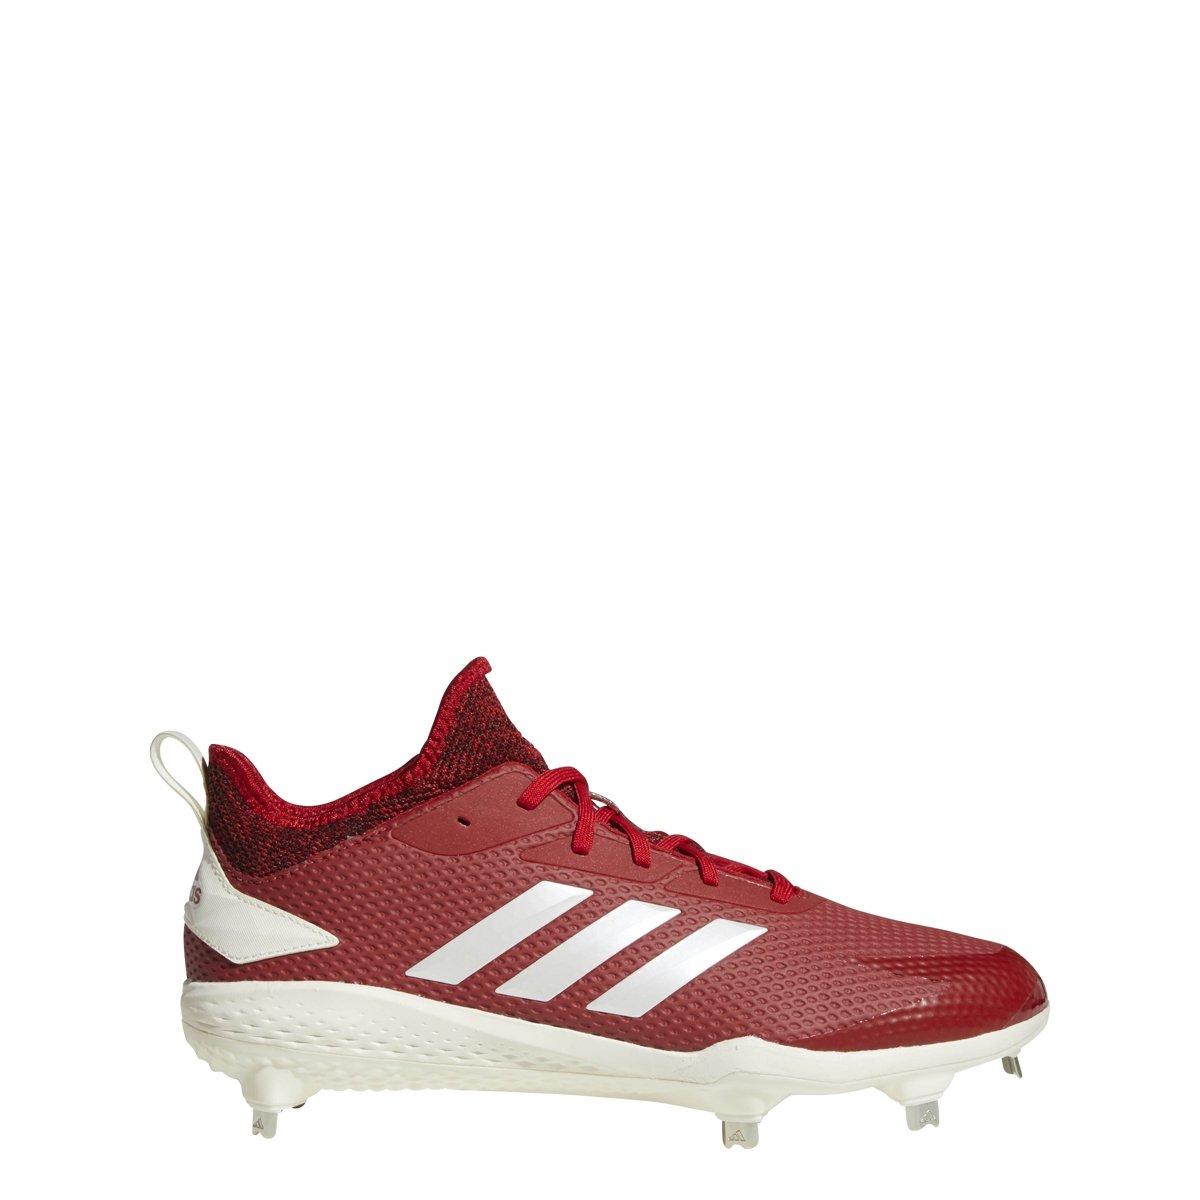 adidas Men's Adizero Afterburner V Baseball Shoe B07BHKYF1Q 12.5 D(M) US|Power Red/Cloud White/Black